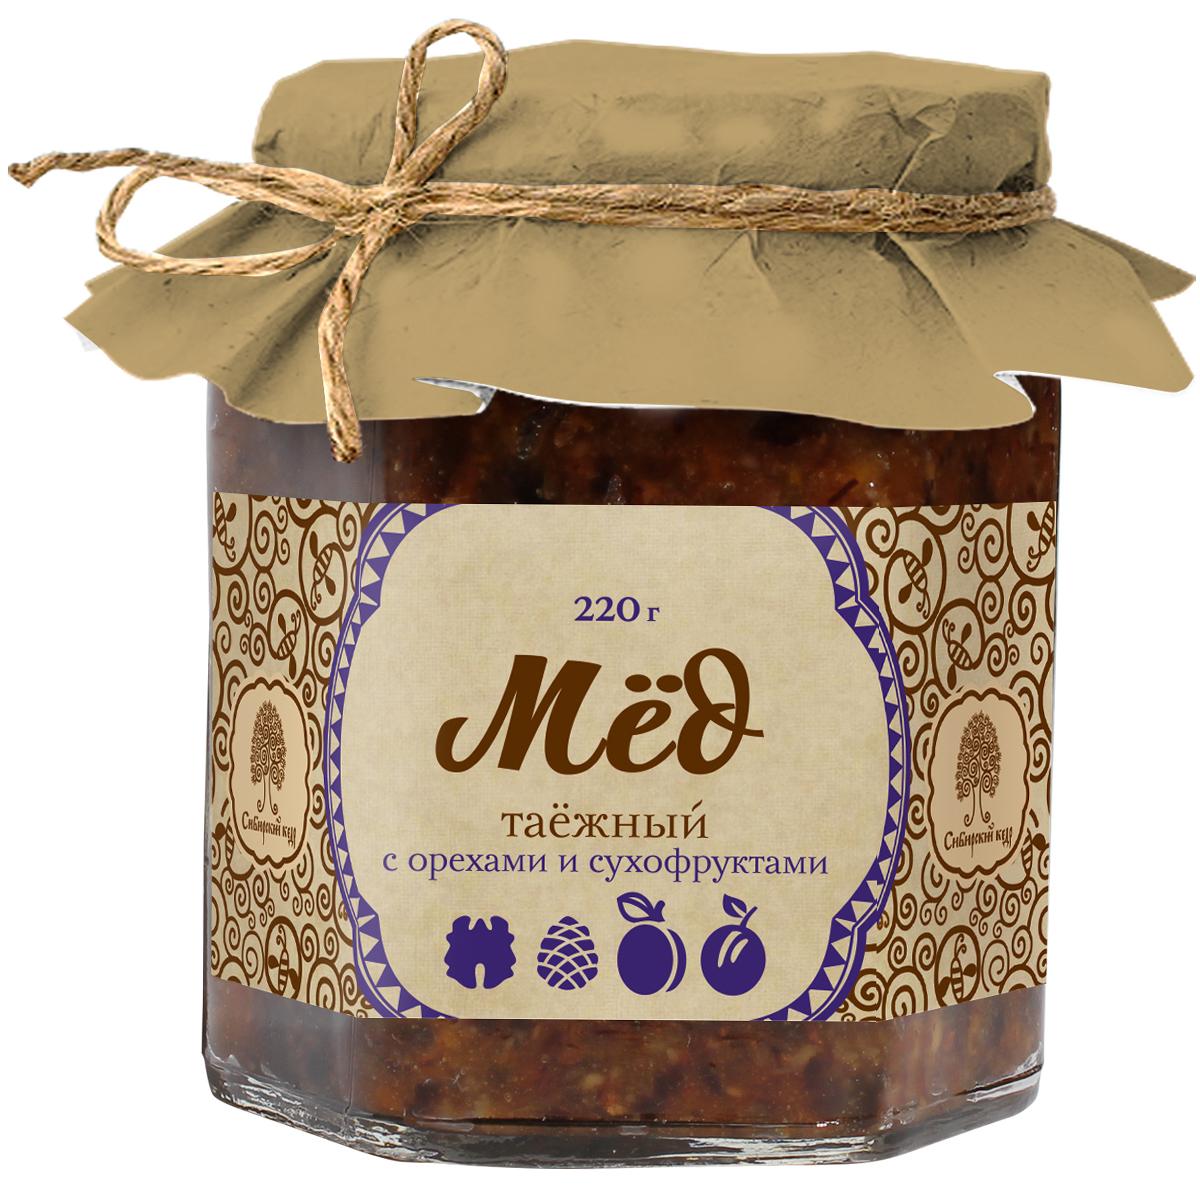 Сибирский кедр мед таежный с орехами и сухофруктами, 220 г1963Еще древние выяснили, что мед укрепляет здоровье и продлевает жизнь человека. Инновационные находки компании Сибирский Кедр позволили создать уникальный, стопроцентно натуральный продукт, сочетающий таежный мед и соки сибирских ягод. Такой коктейль усиливает полезные свойства каждого из компонентов, а регулярное его применение укрепит иммунитет.Целебные сорта мёда. Статья OZON Гид